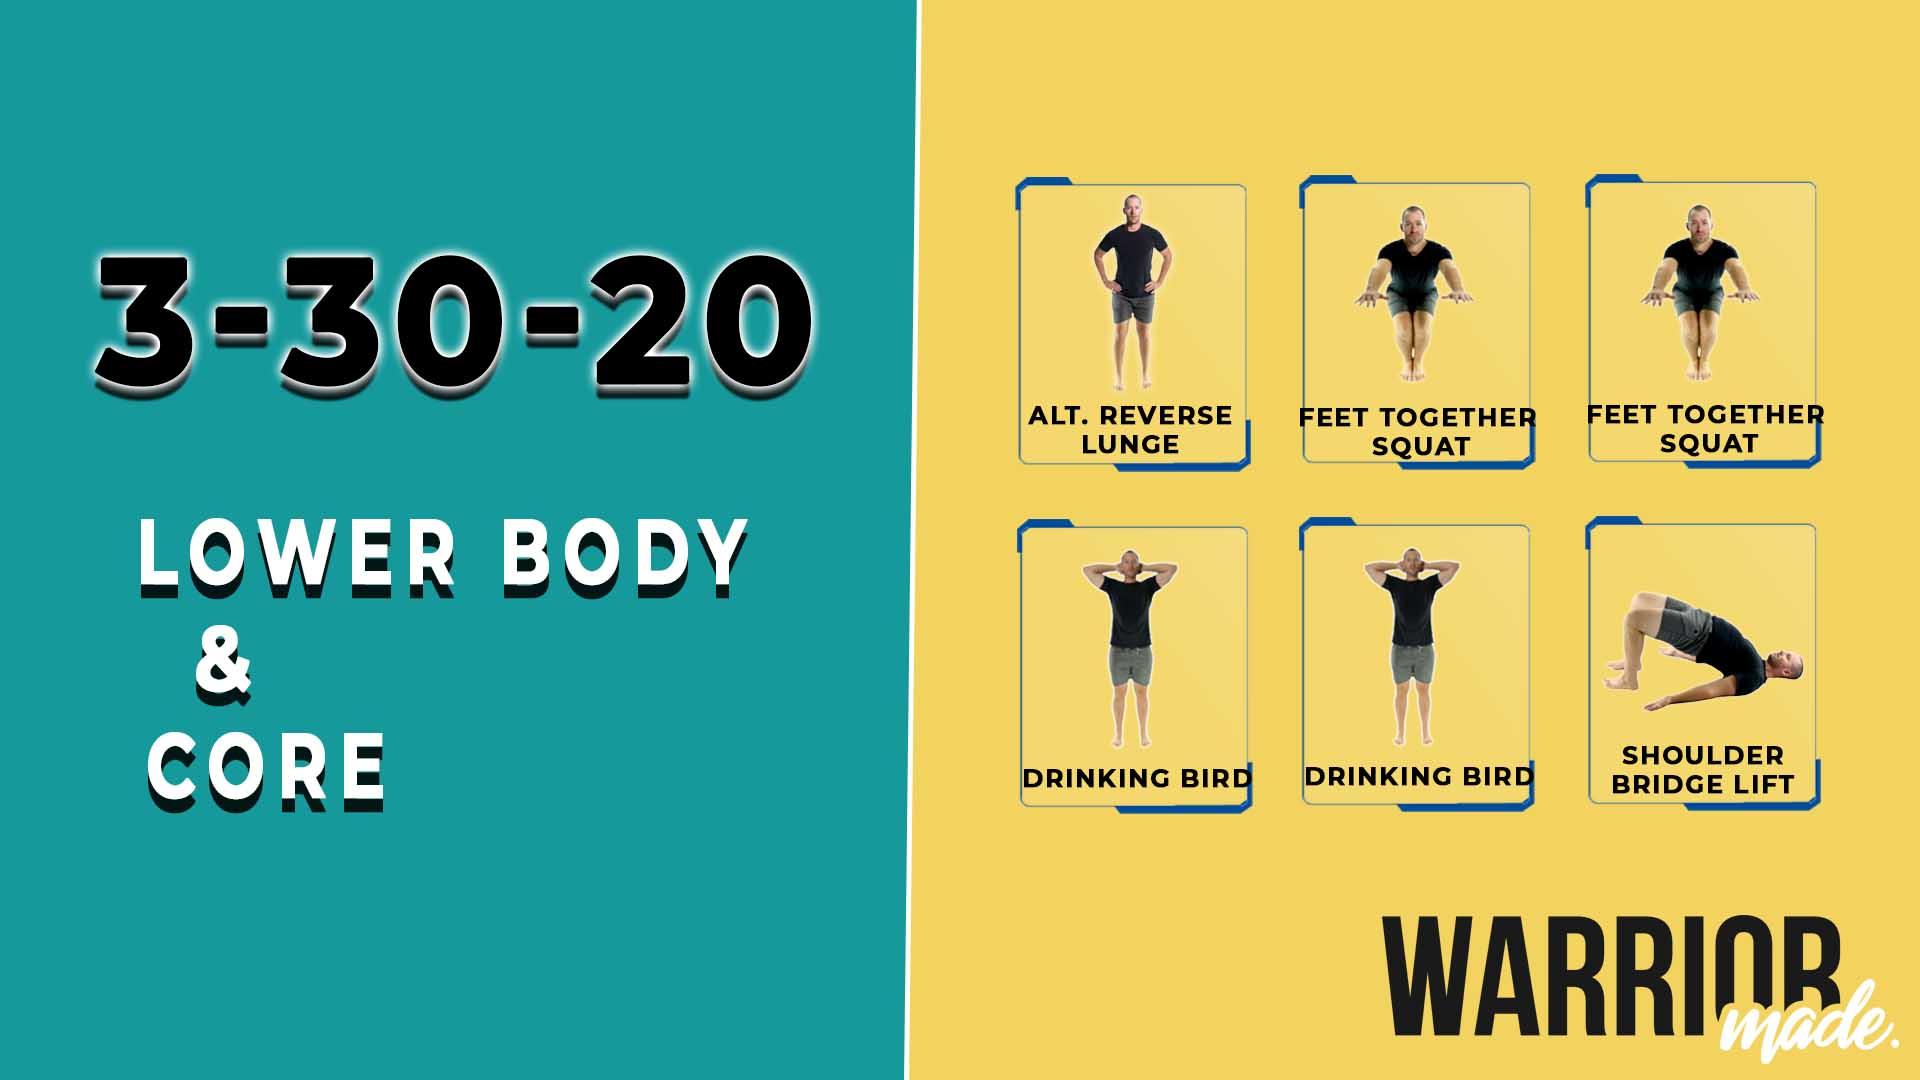 workouts-03-30-20